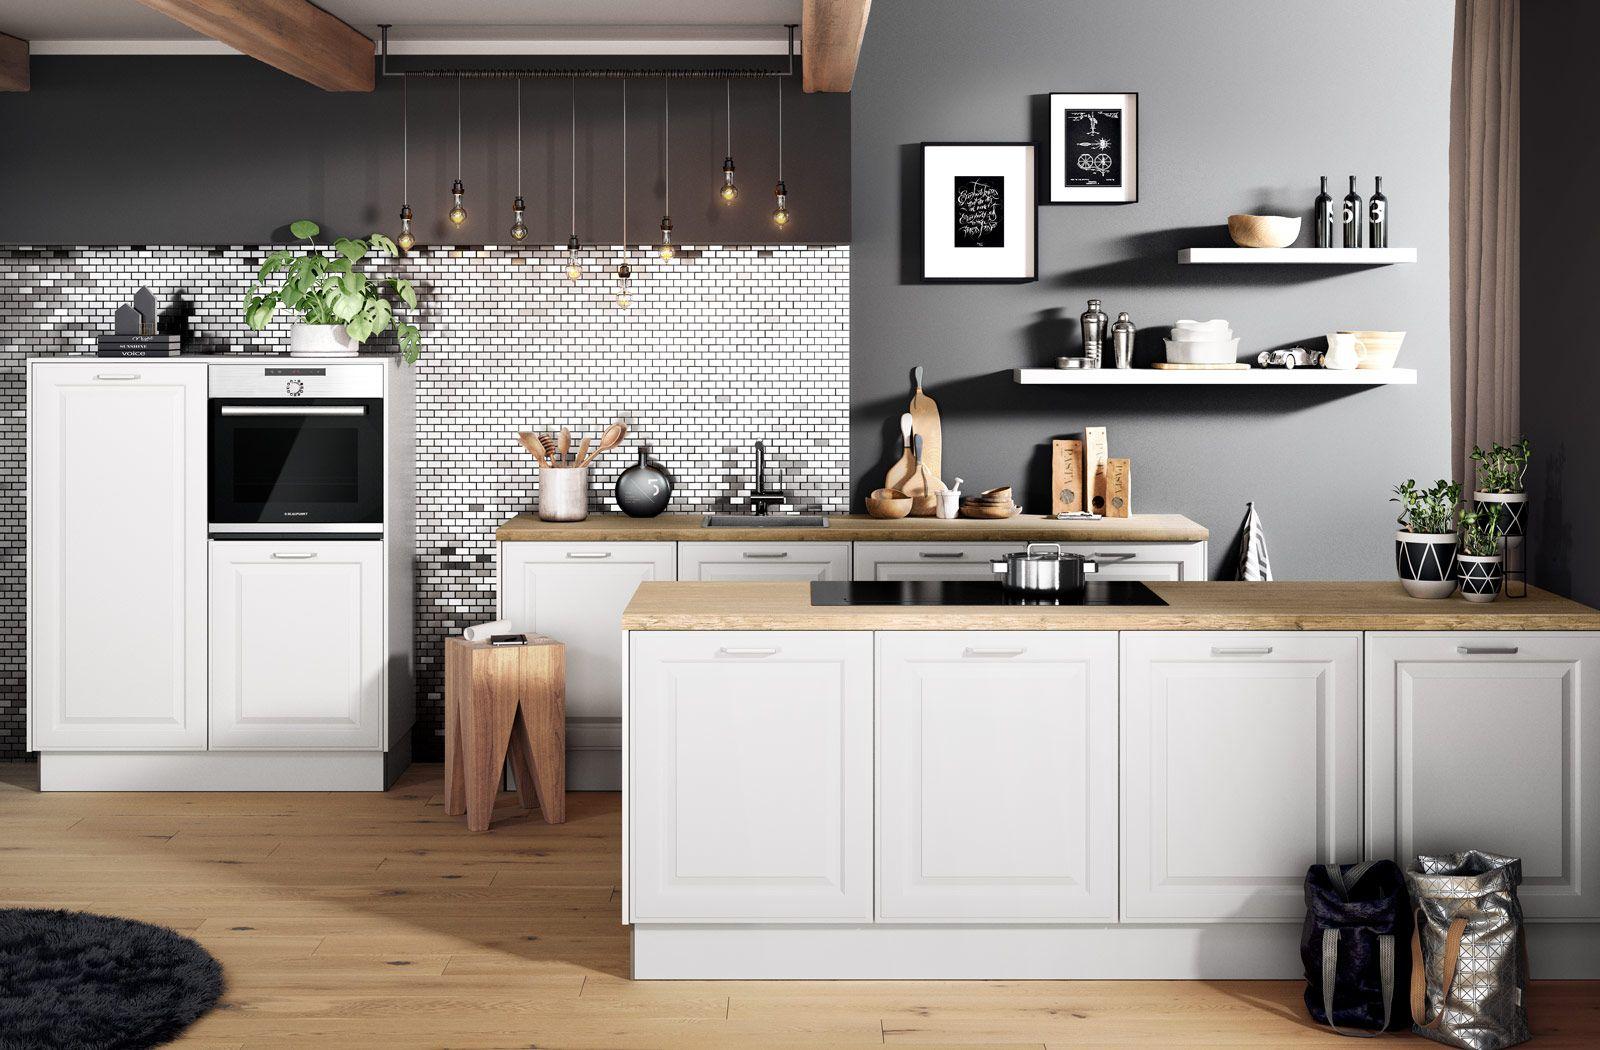 Schön Küche Remodelers Chicago Fotos - Ideen Für Die Küche ...